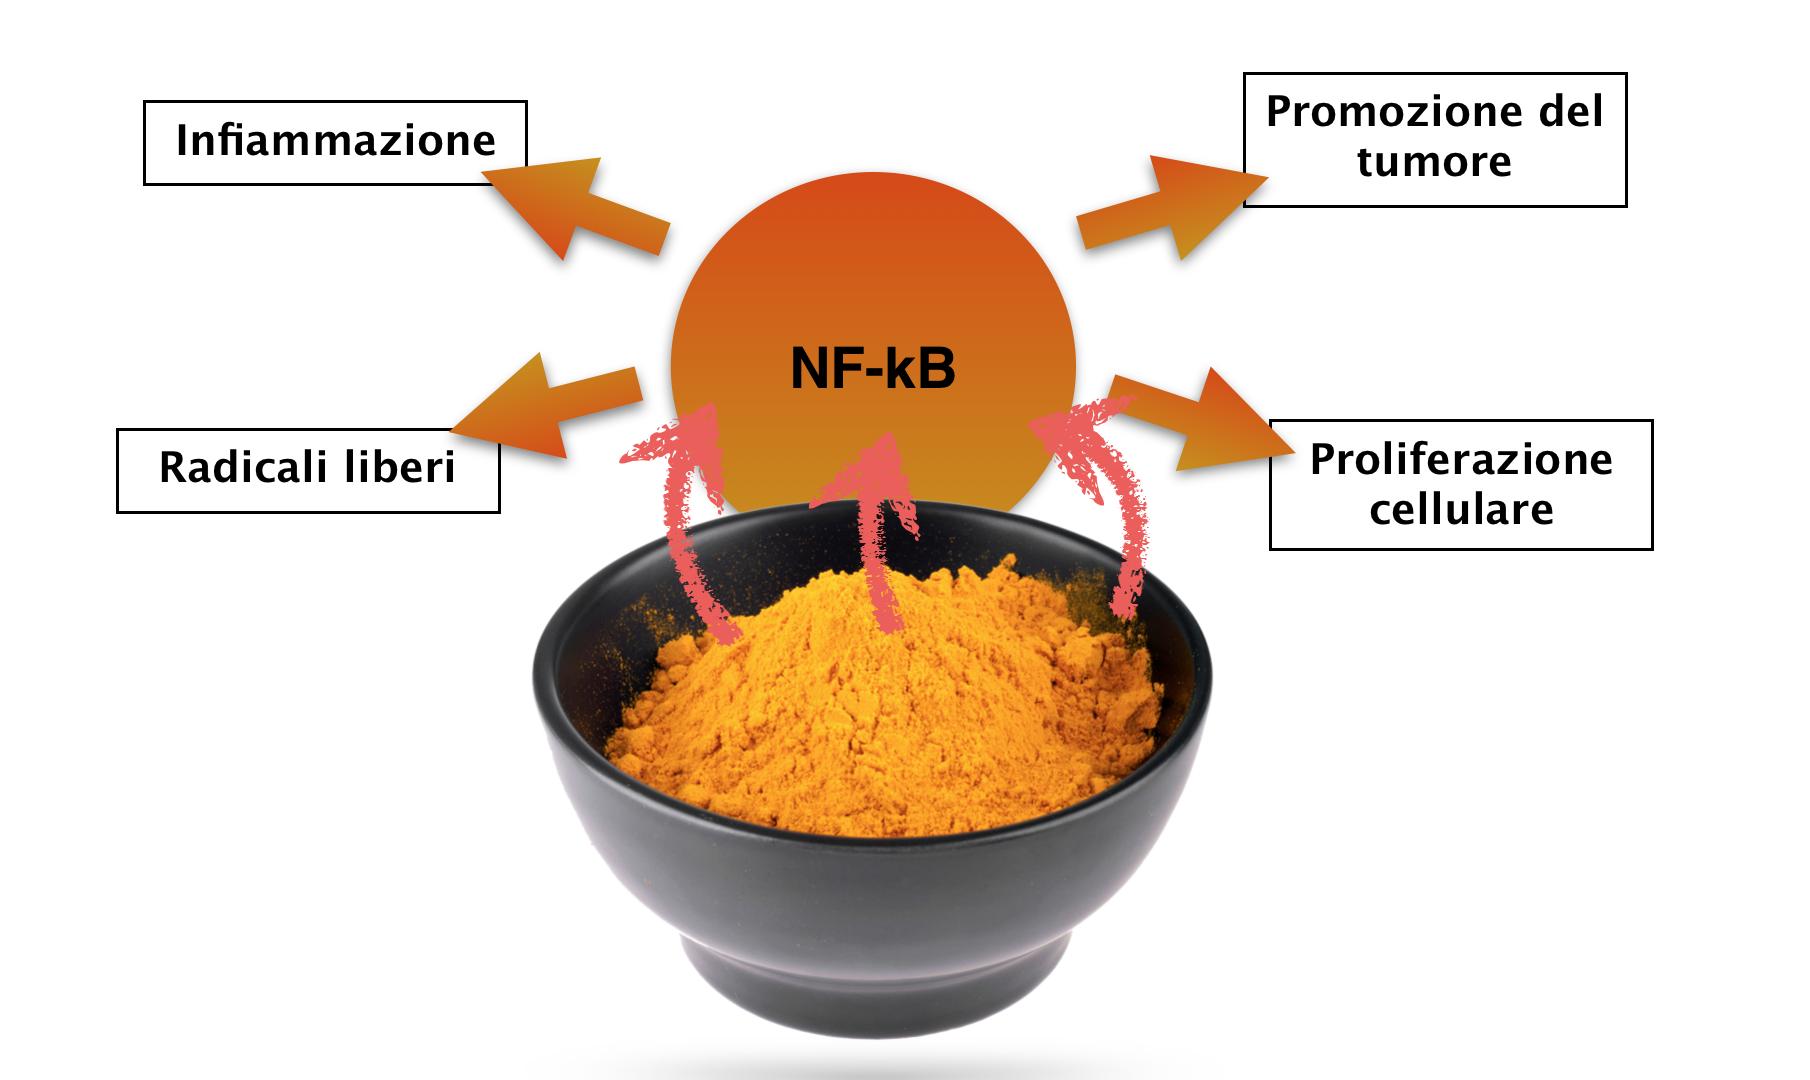 La battaglia della curcuma contro il fattore NF-kB: ecco come la curcuma agisce contro l'infiammazione e come tu puoi godere di questo beneficio senza cadere nella trappola della curcuma alimentare.